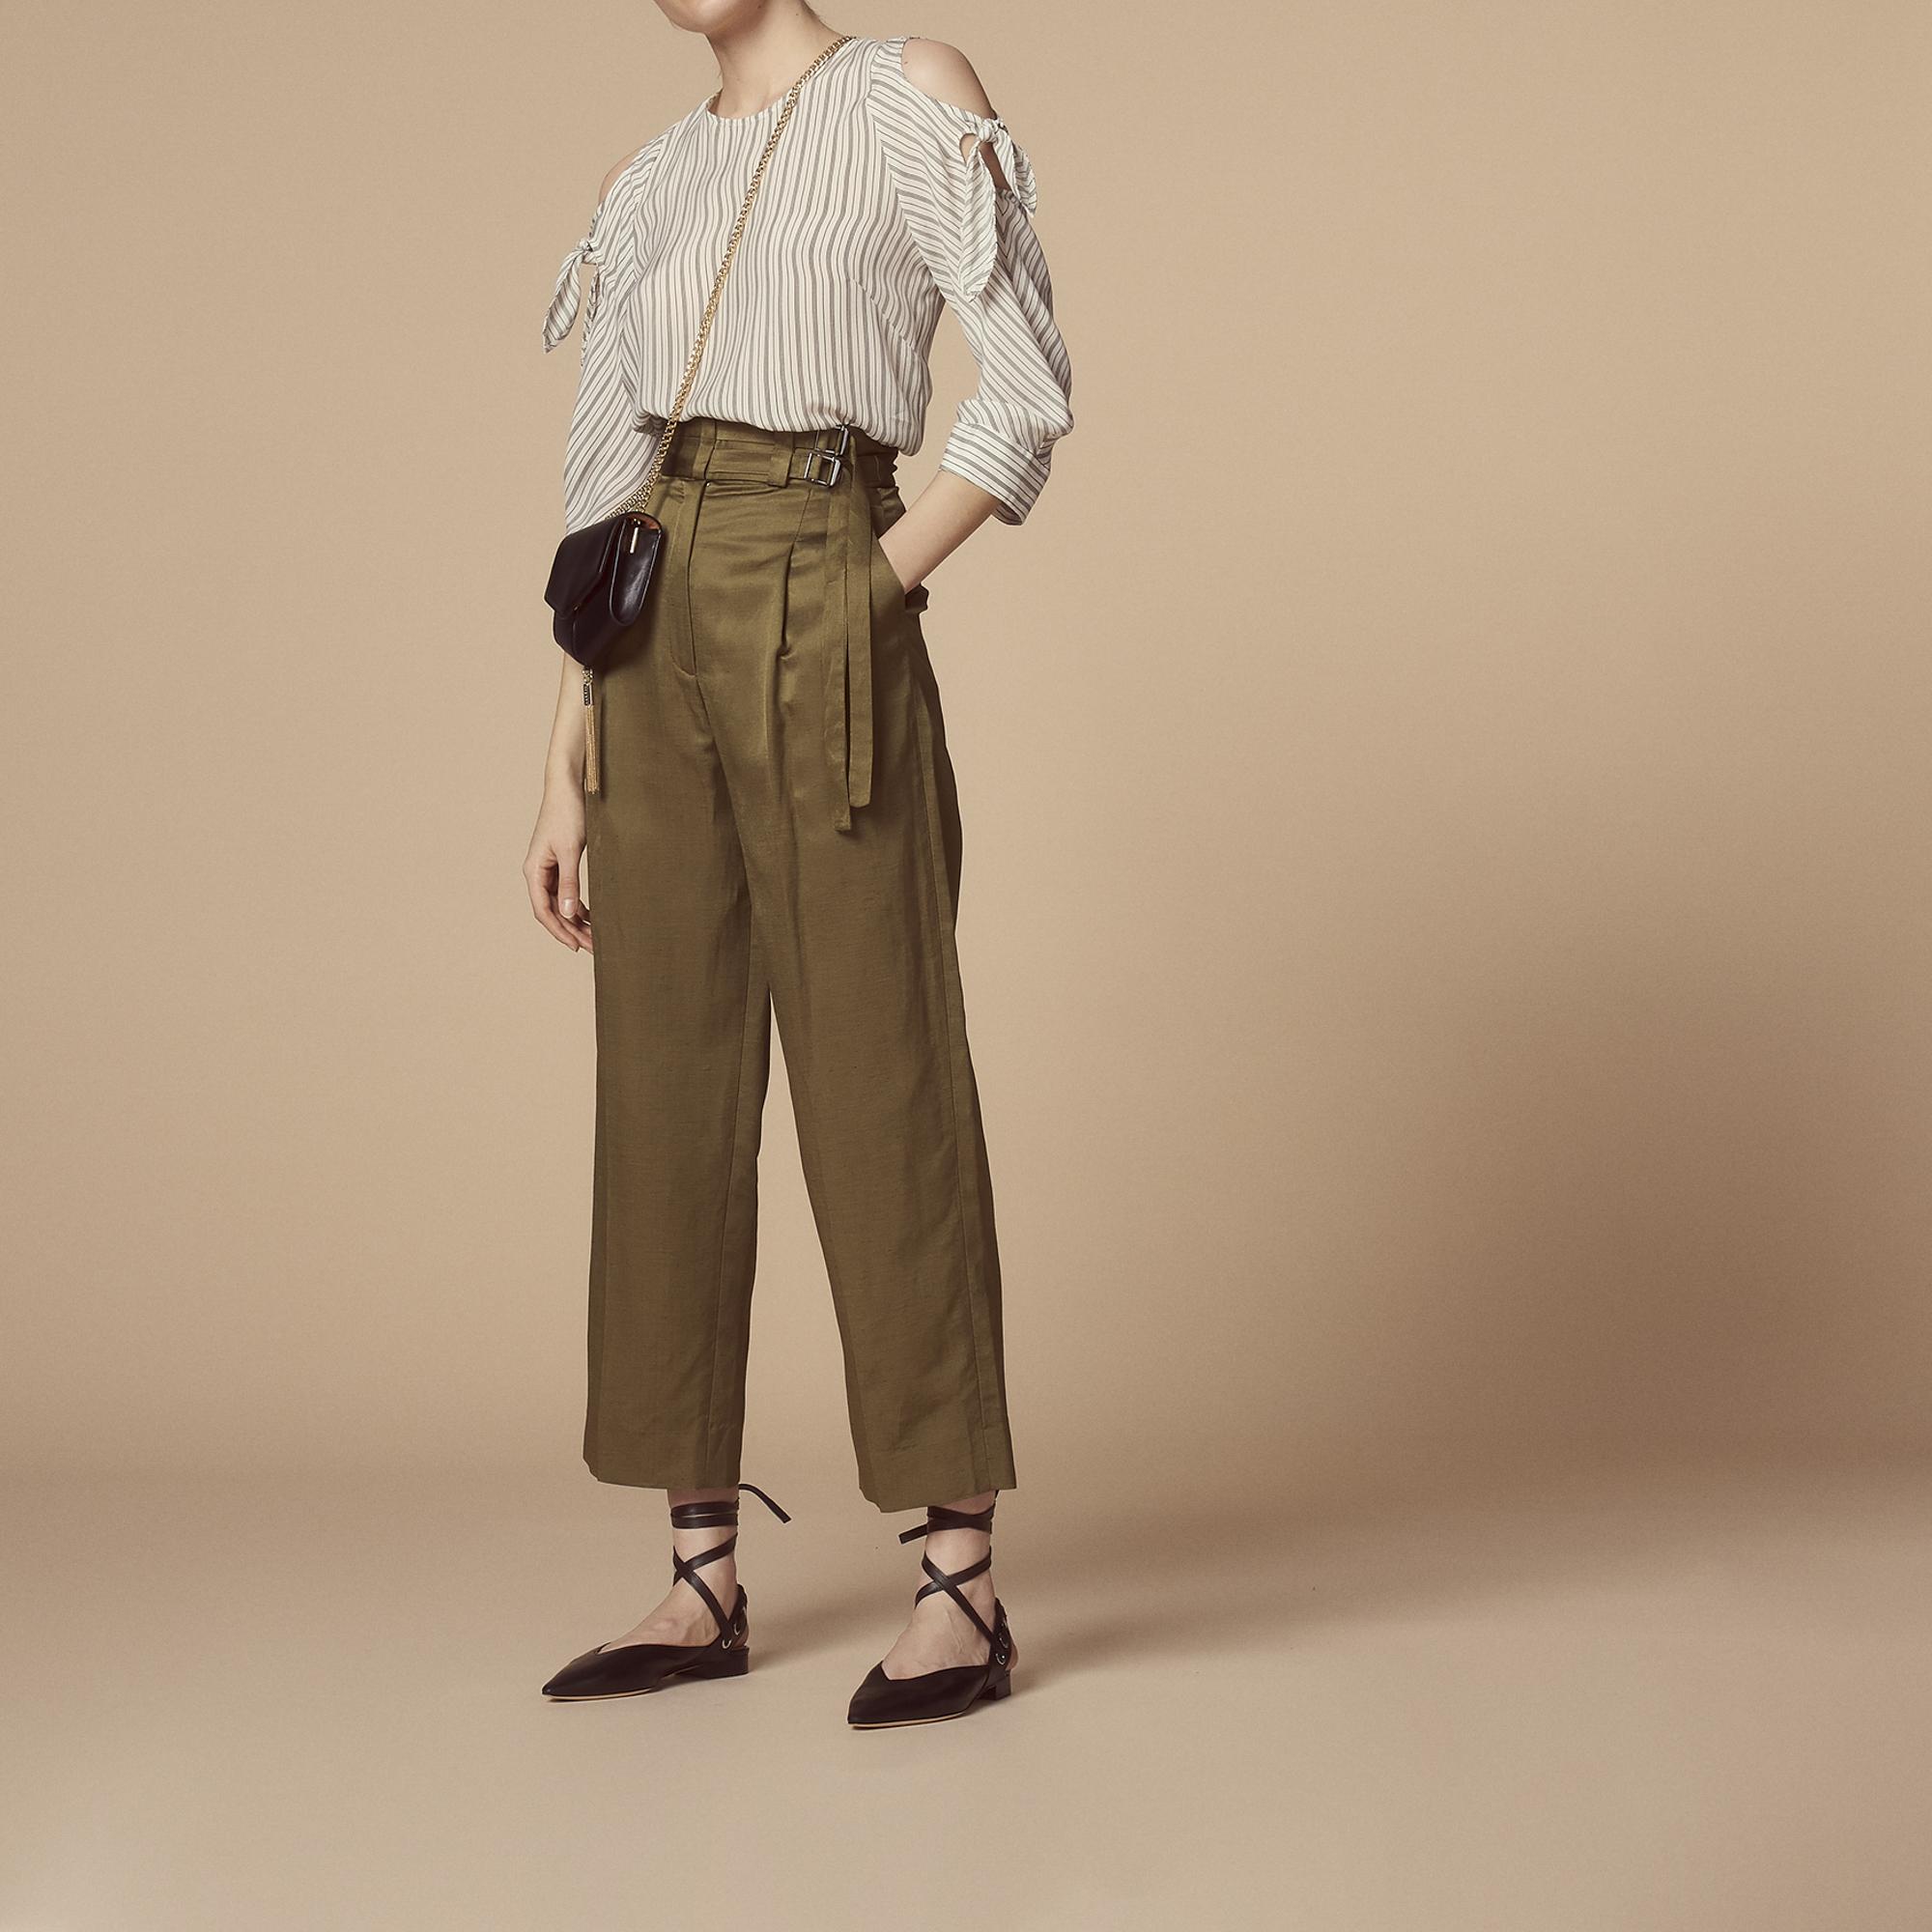 Pantalon avec ceinture à double passant   -30% couleur Kaki ... f3b5e5a5370